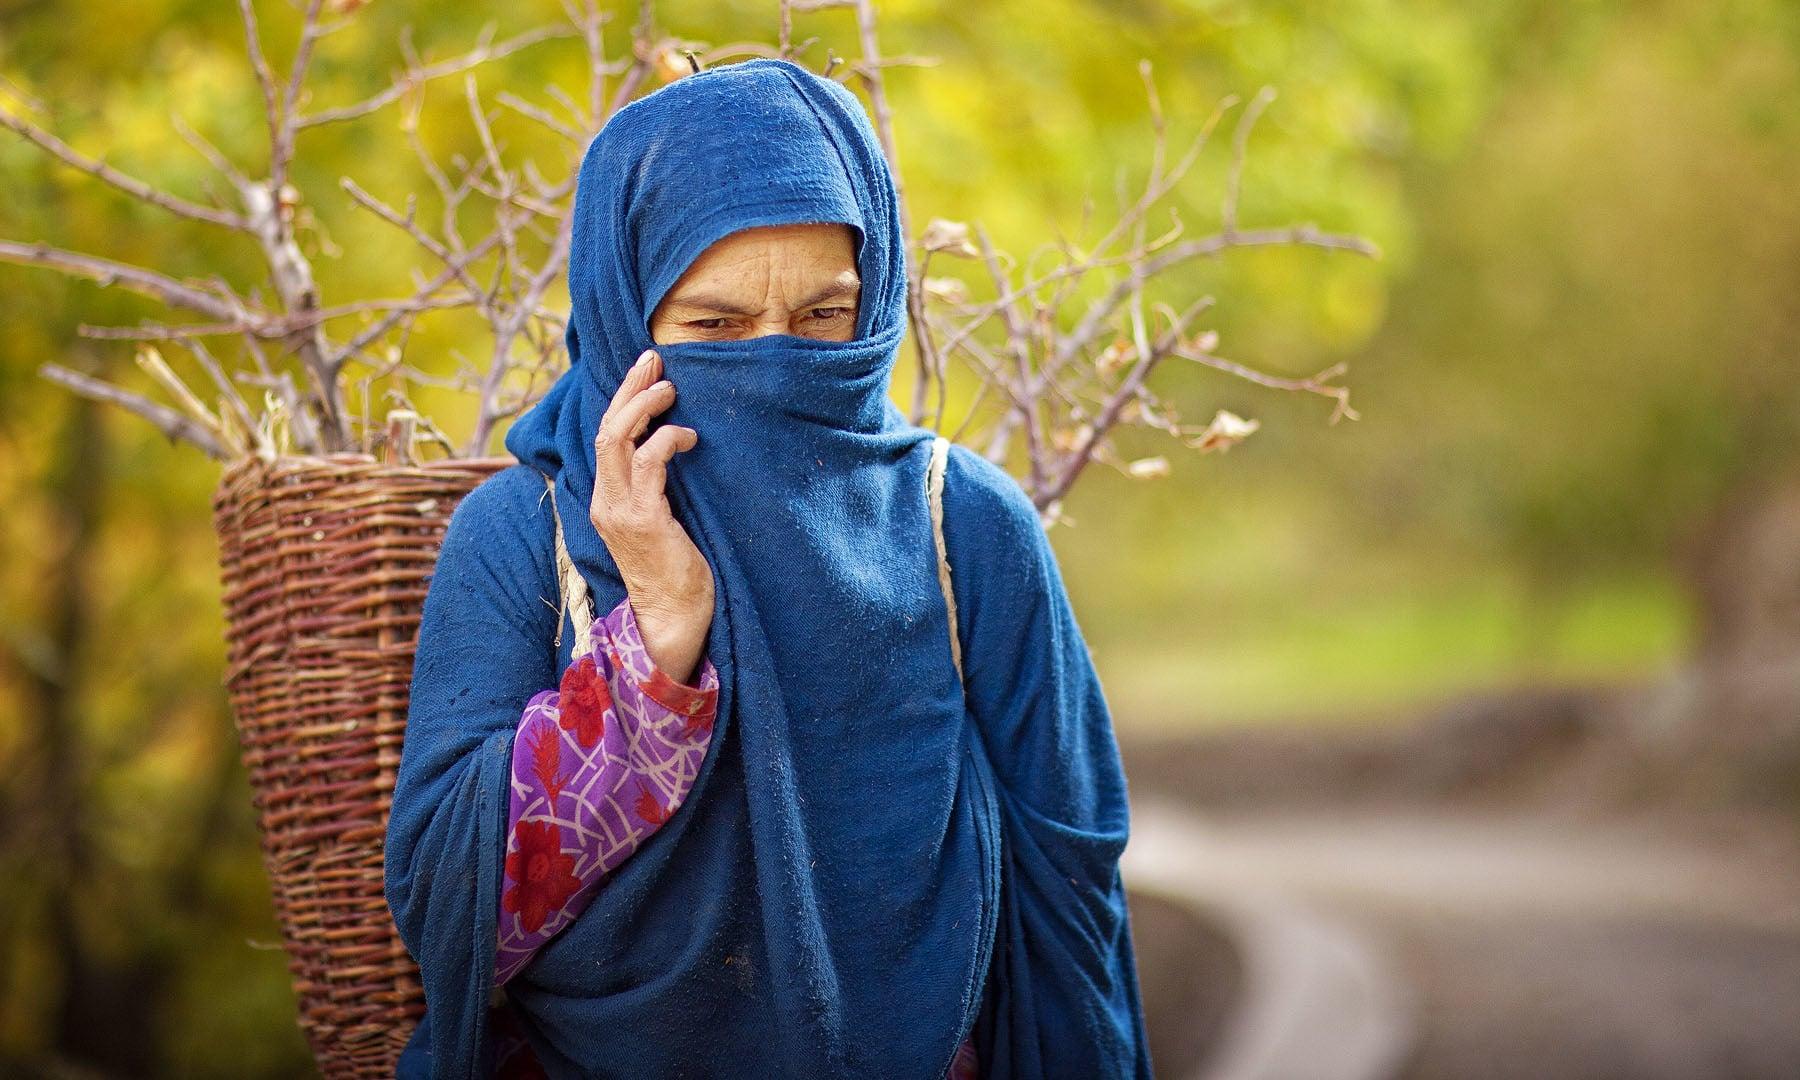 Woman from Nagar.